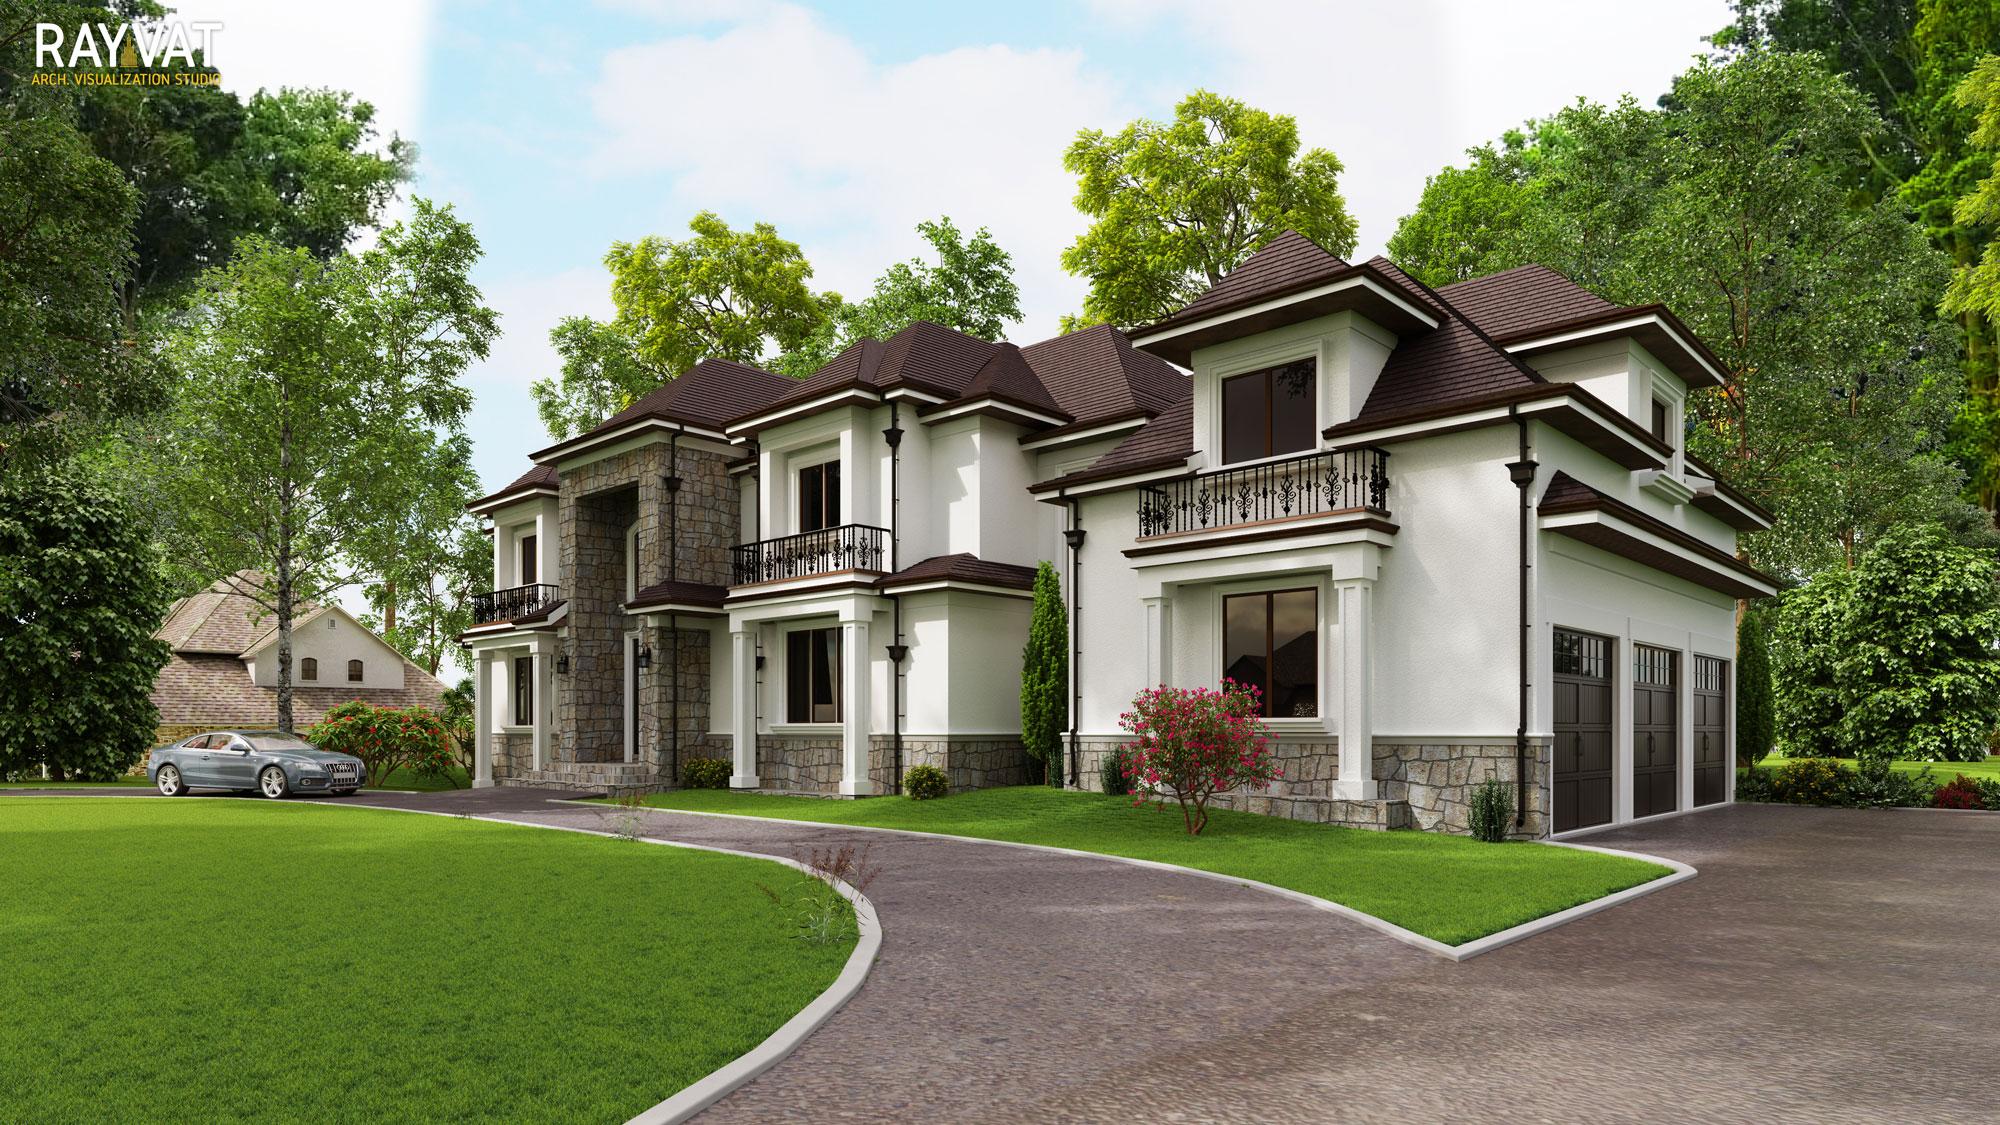 Residential Real Estate Rendering